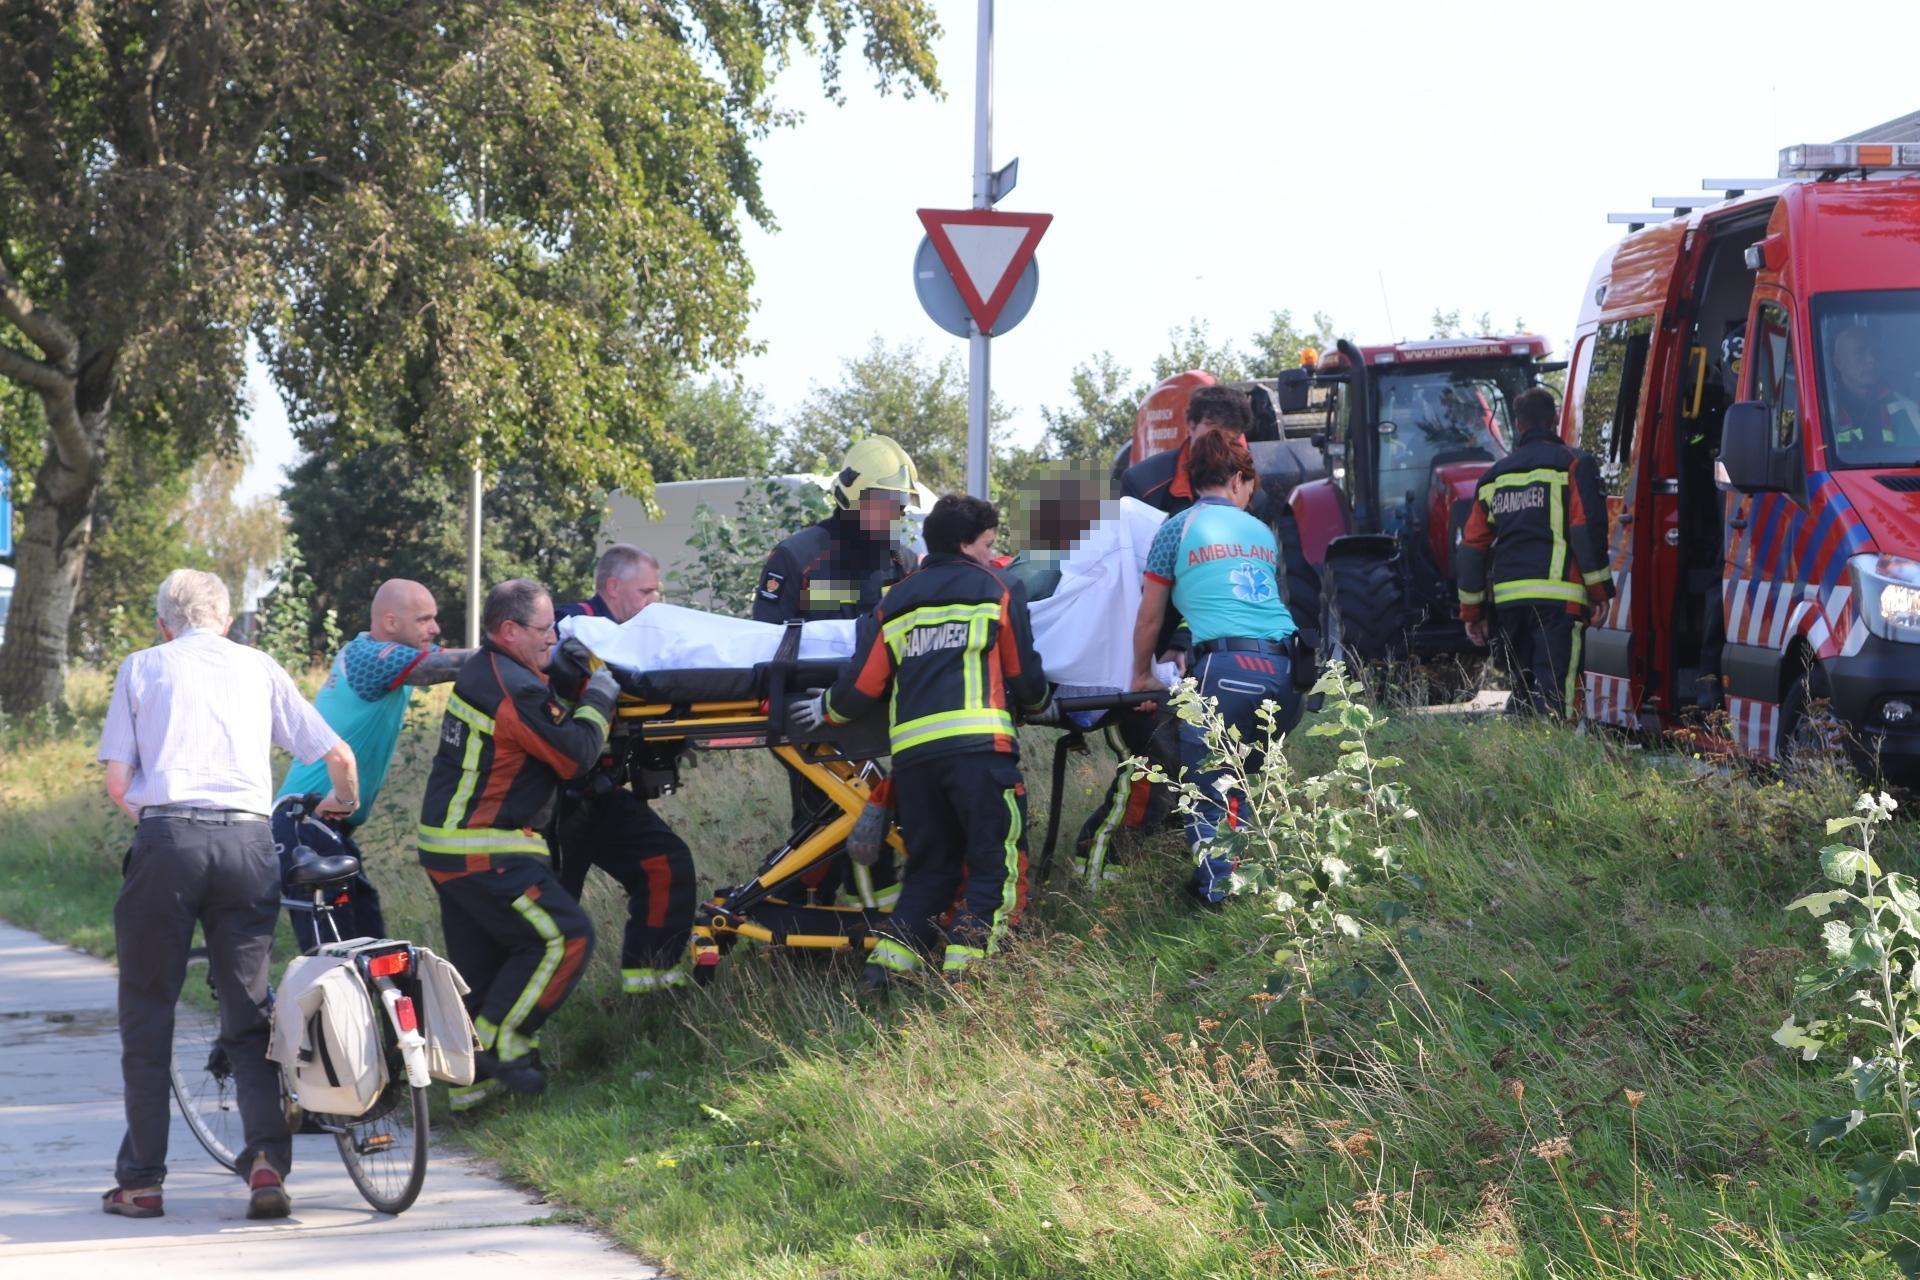 Ambulancemedewerker ziet in Sassenheim per toeval vrouw in water liggen en redt haar